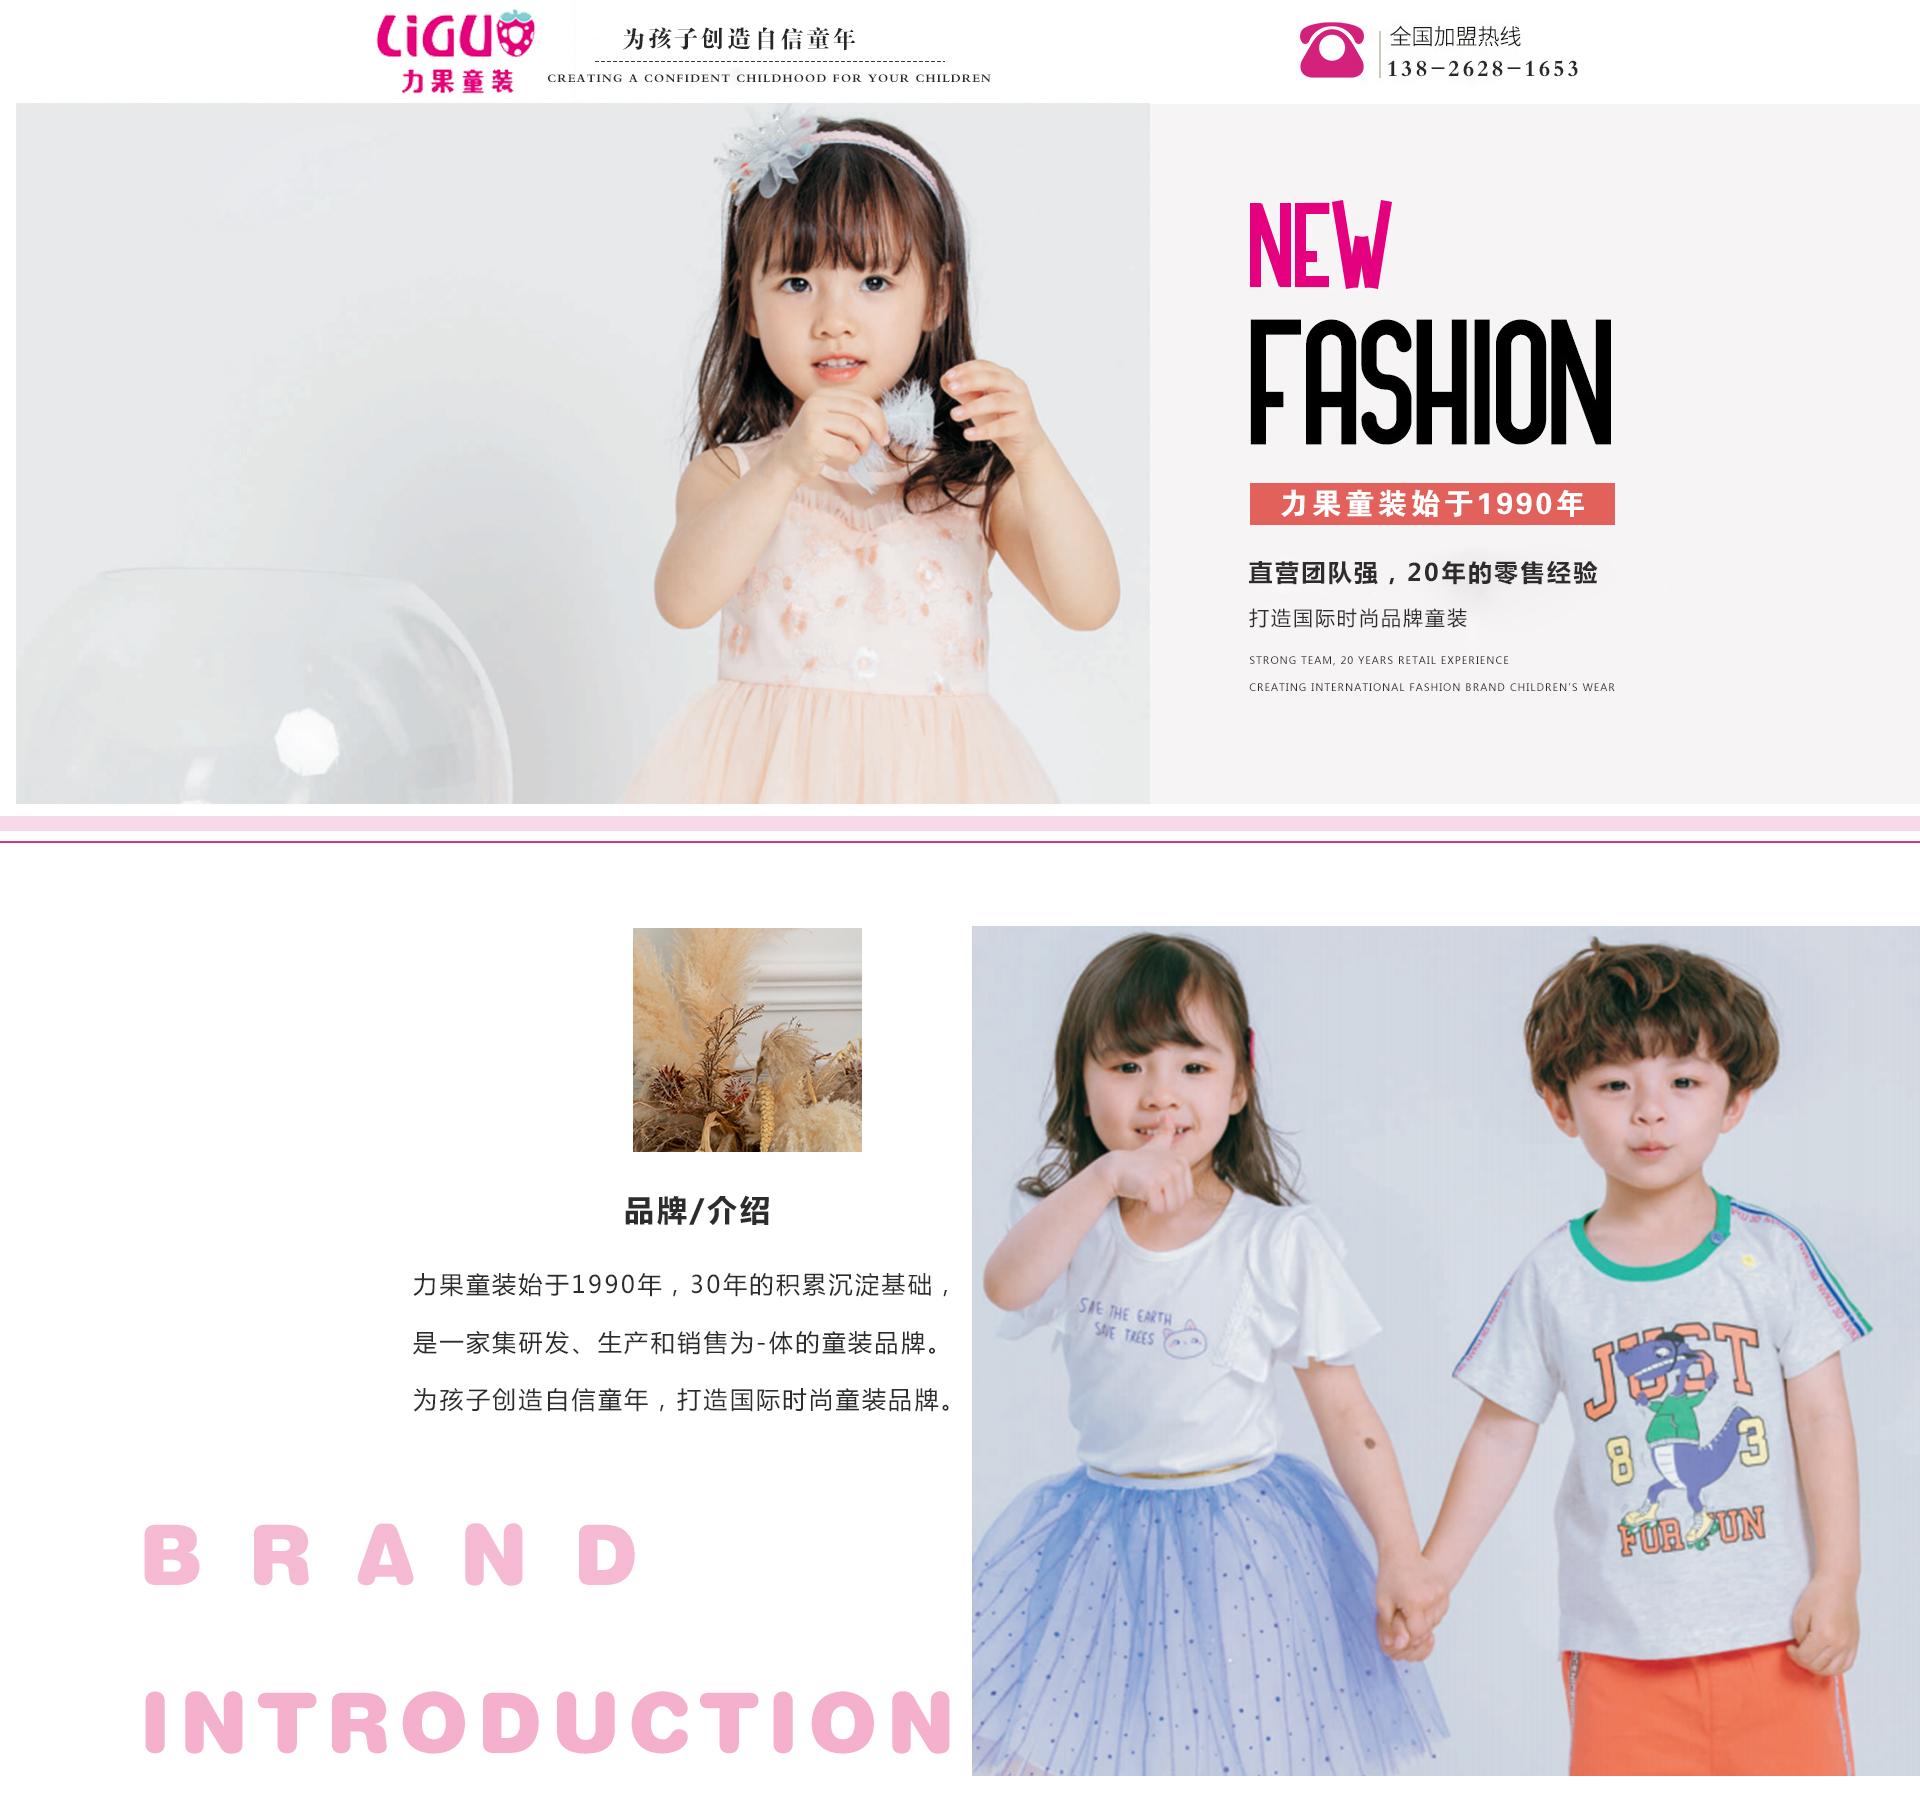 力果童装打造国际时尚童装品牌